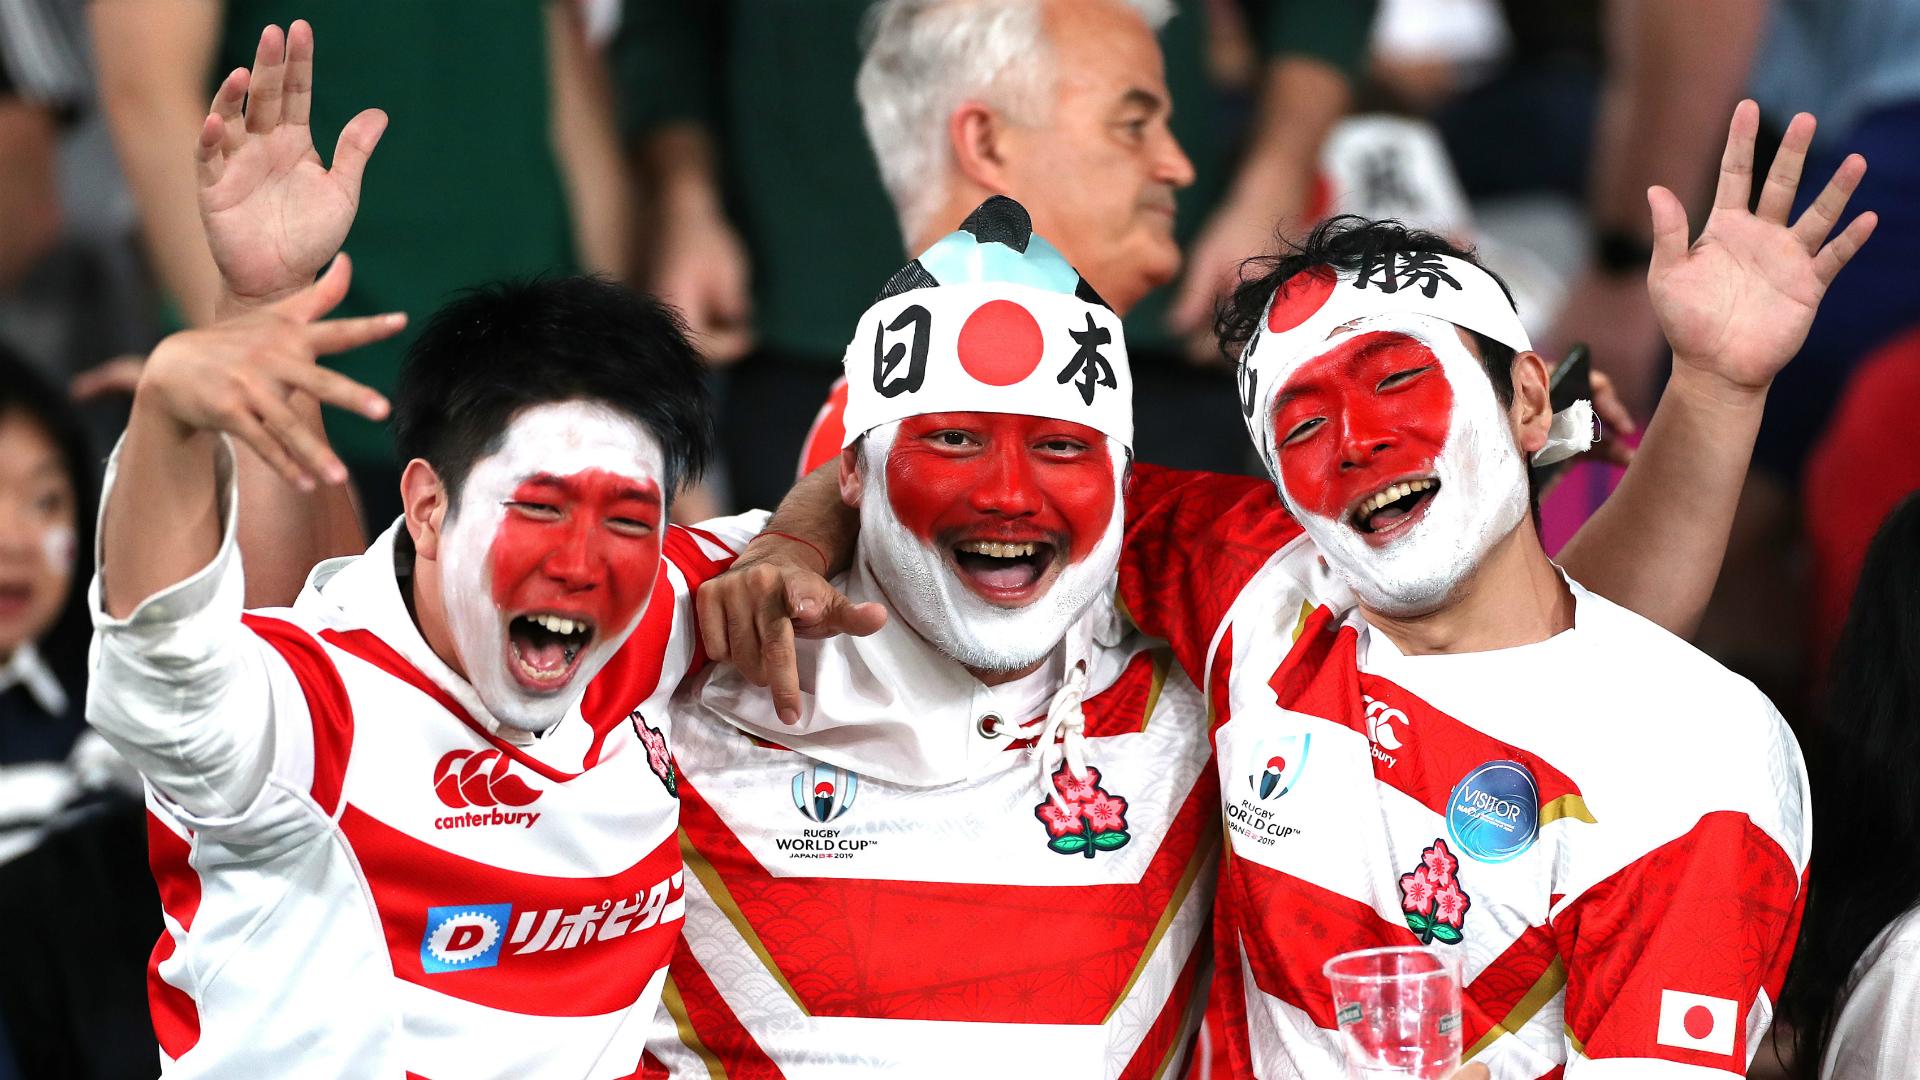 Rugby World Cup 2019: Sayonara, Japan! New era awaits Brave Blossoms